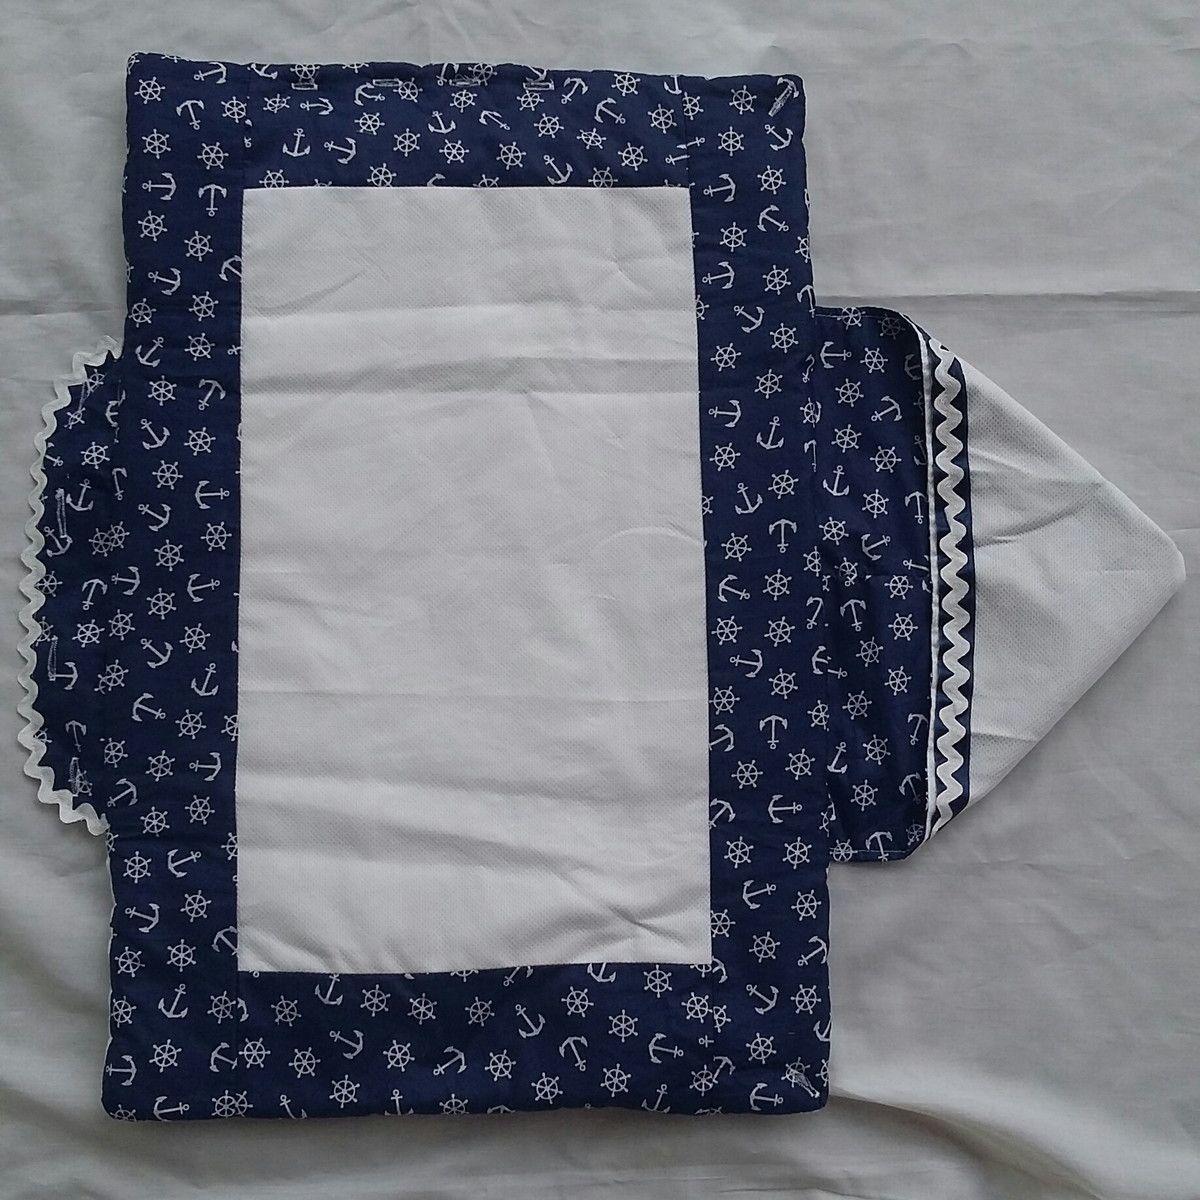 Linda manta personalizada com tema de preferência da mamãe.  Confecionada em tecidos de algodão e acolchoado com manta super fofinha!  Pode ser usada fechada como um aconchegante saco de dormir e aberta como manta.  Ideal para passear com seu bebê!!!!  Medidas 75 x 50 cm.